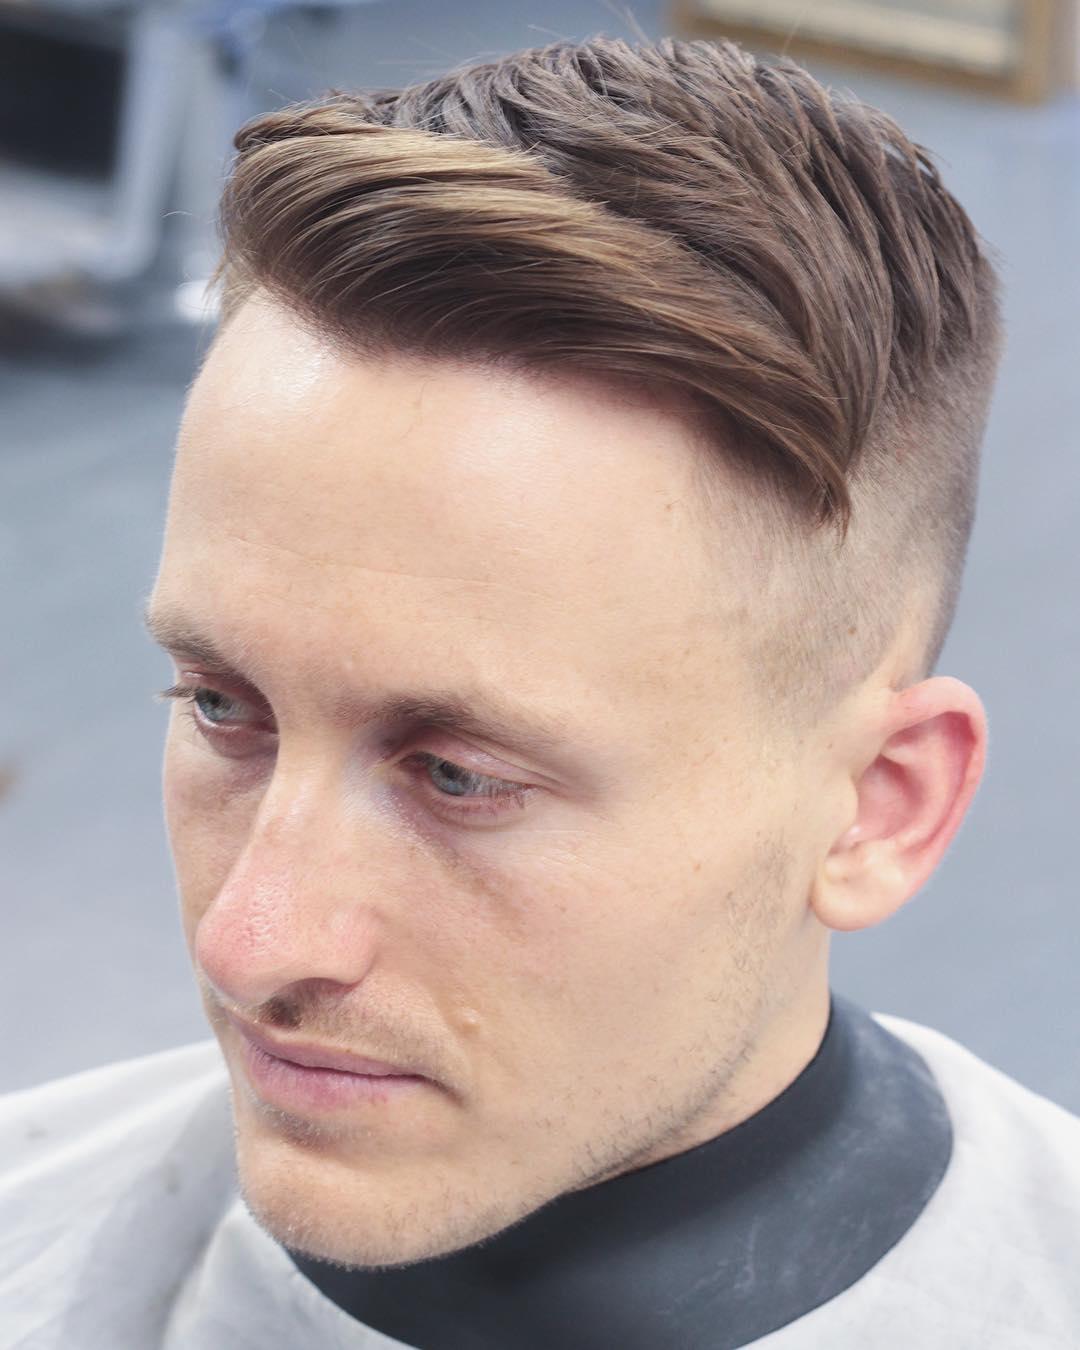 Manner Frisur Seiten Ubergang